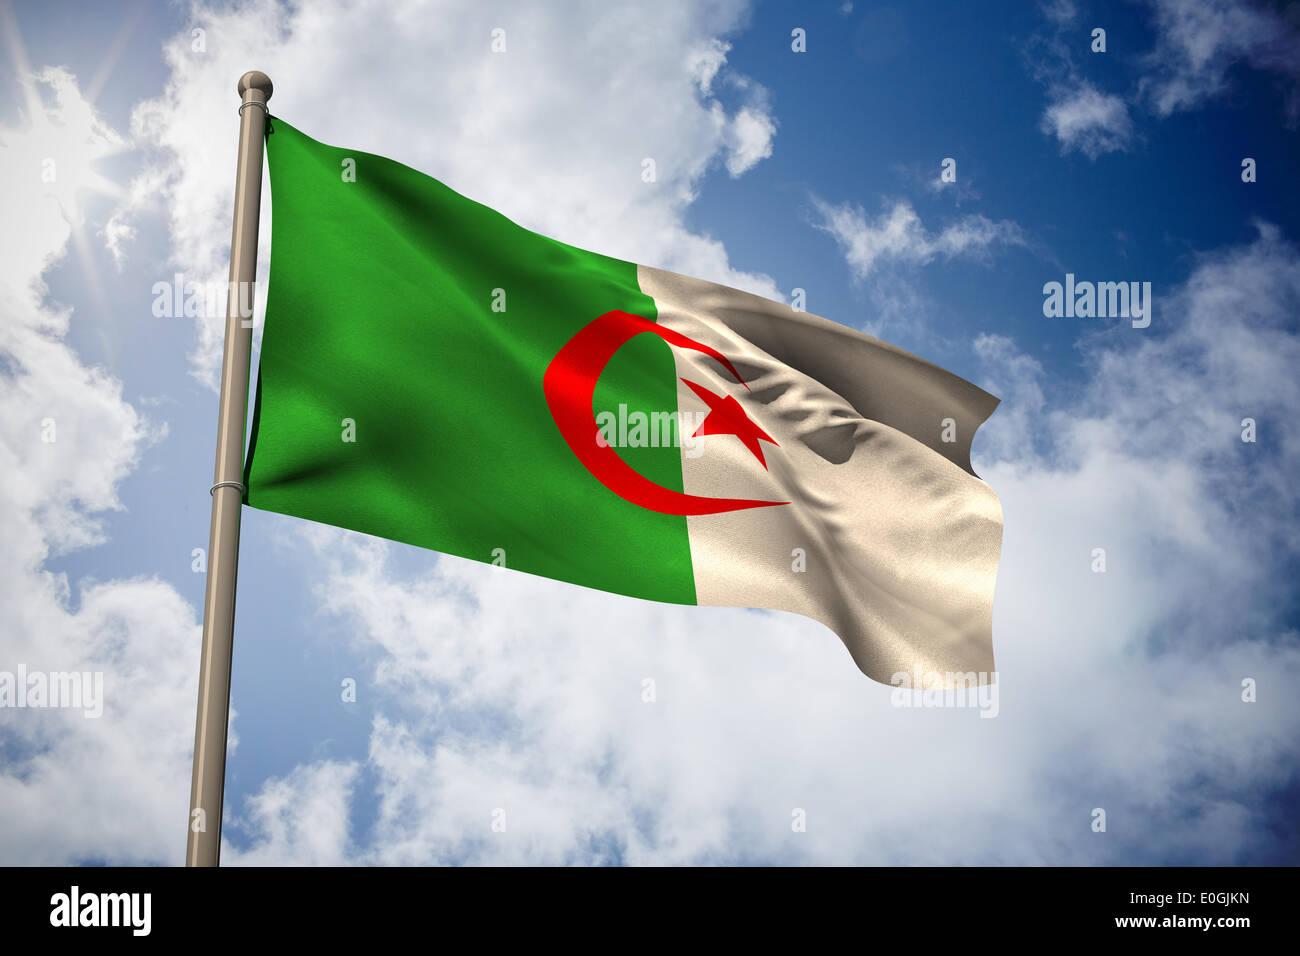 Algeria bandiera nazionale Immagini Stock